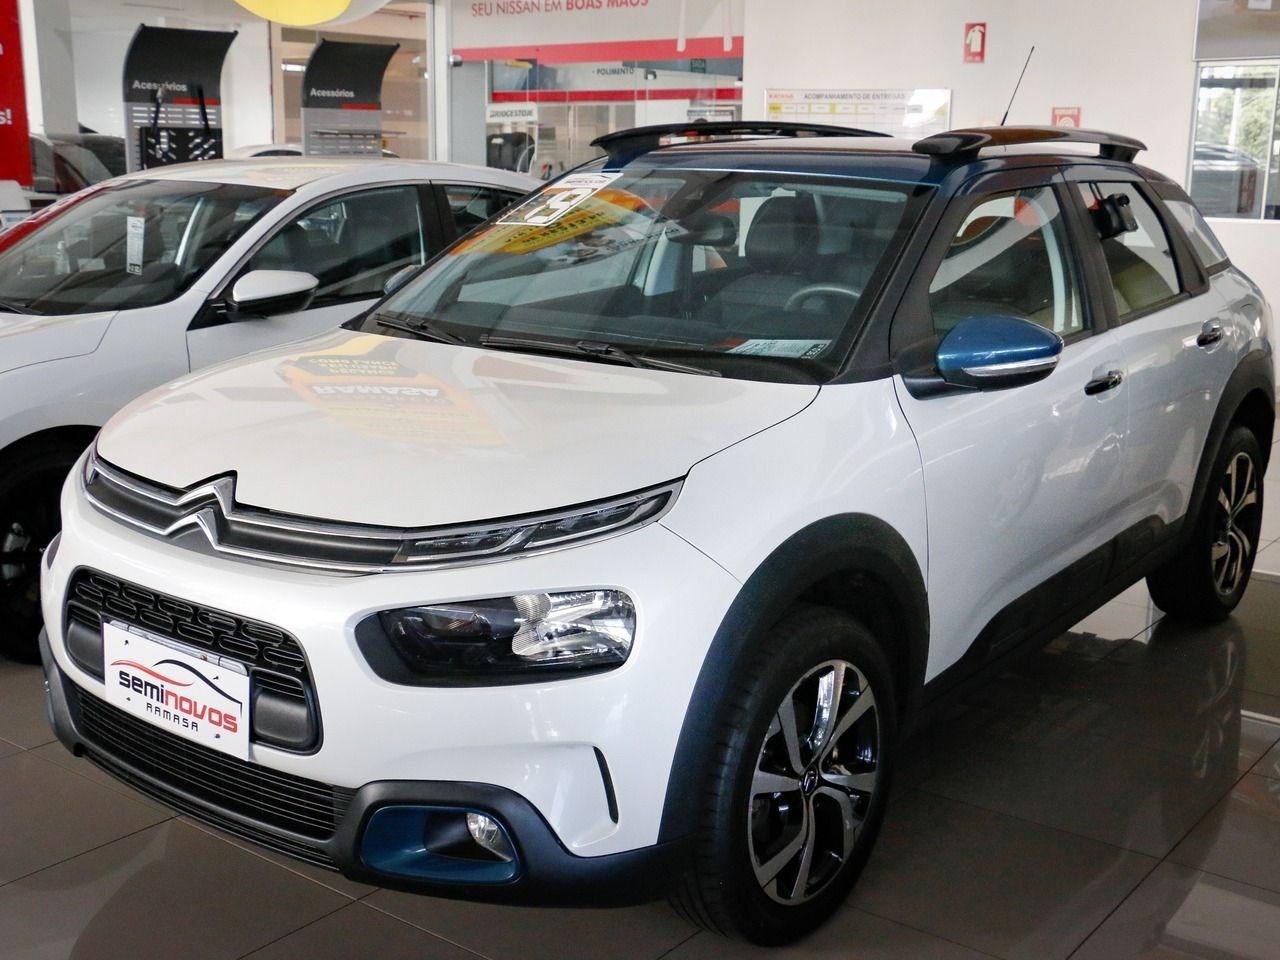 //www.autoline.com.br/carro/citroen/c4-cactus-16-shine-16v-flex-4p-turbo-automatico/2019/goiania-go/14655192